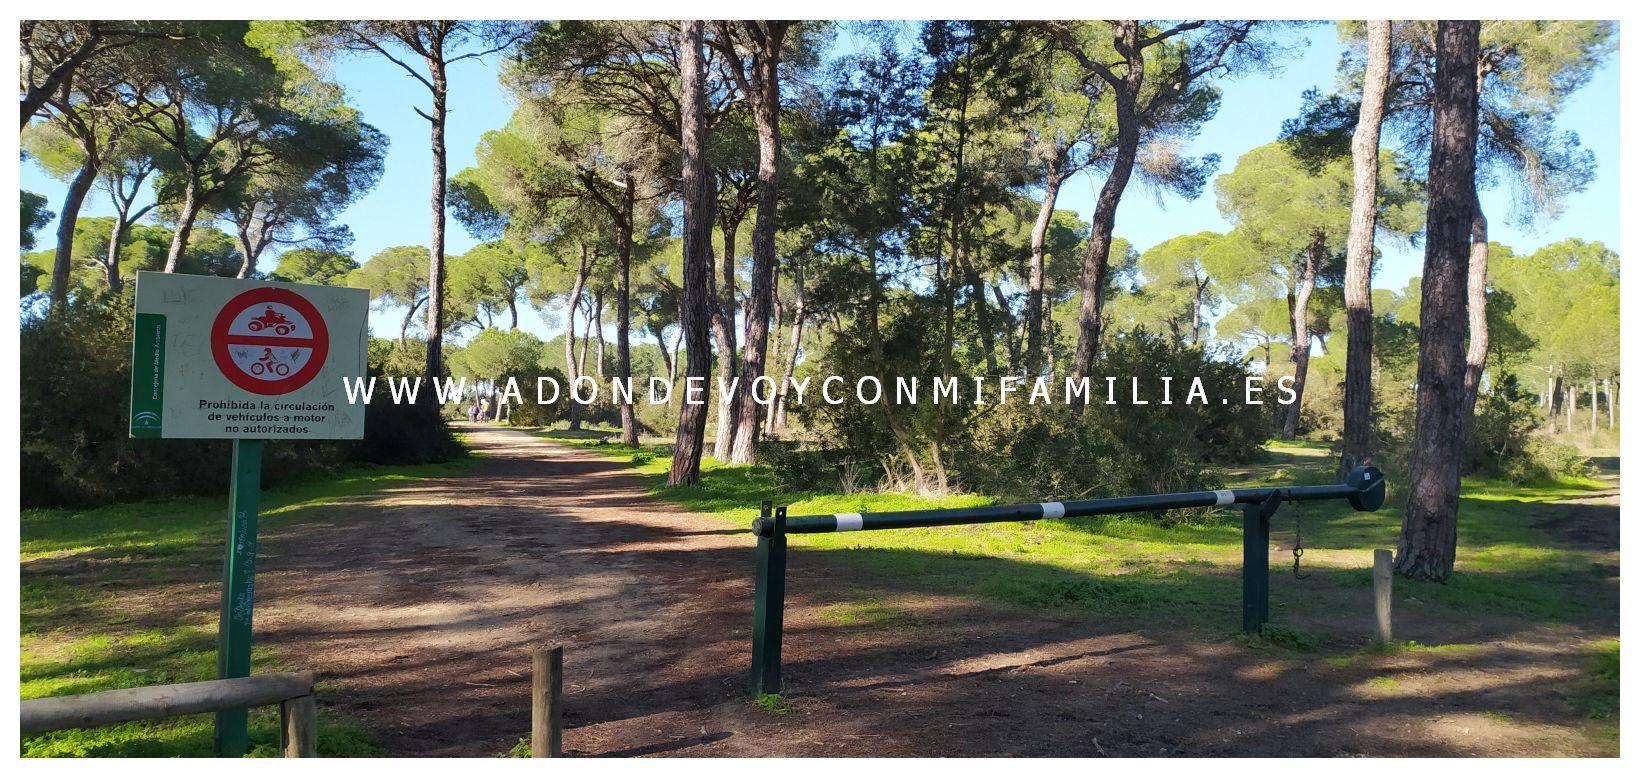 sendero cerro del aguila pinar de la algaida sanlucar adondevoyconmifamilia 27